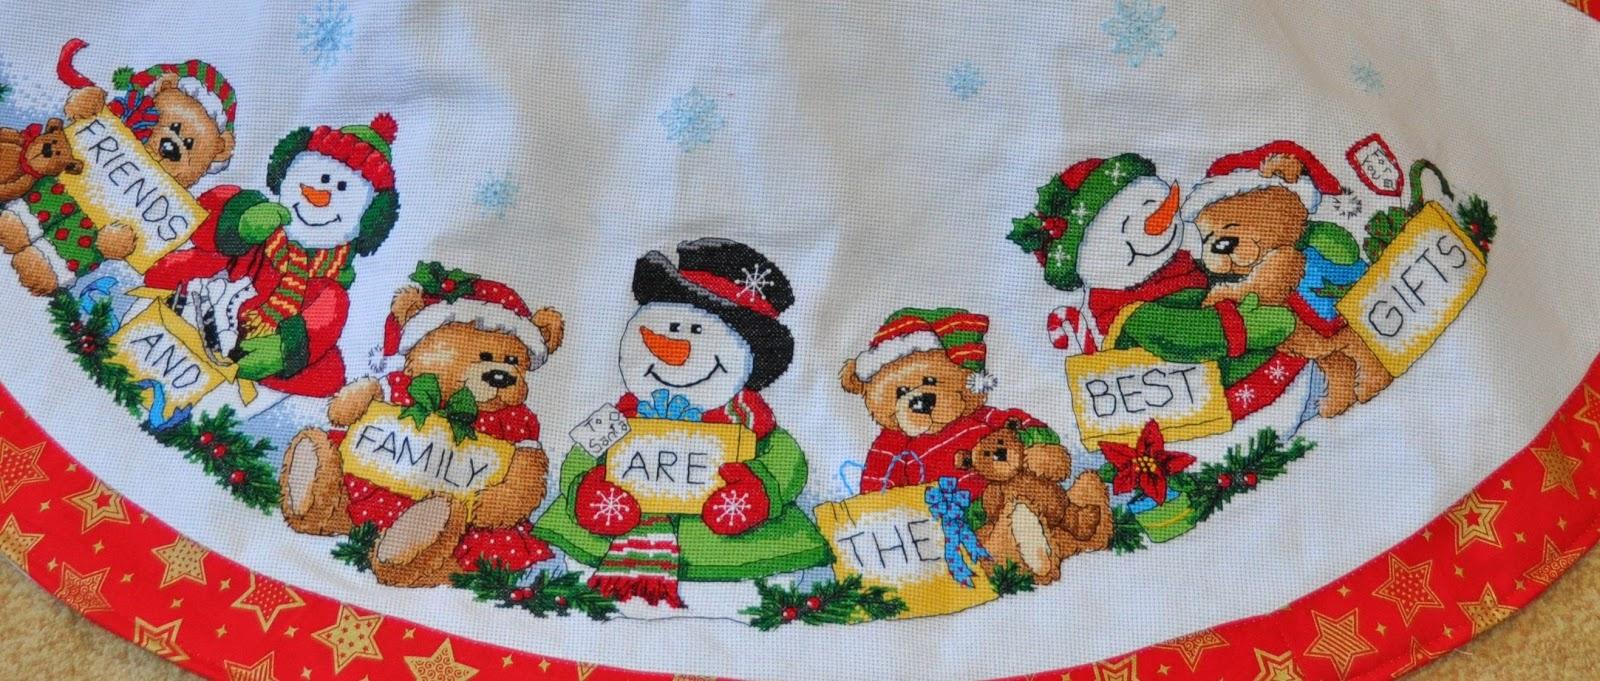 Вышивка юбок под елку